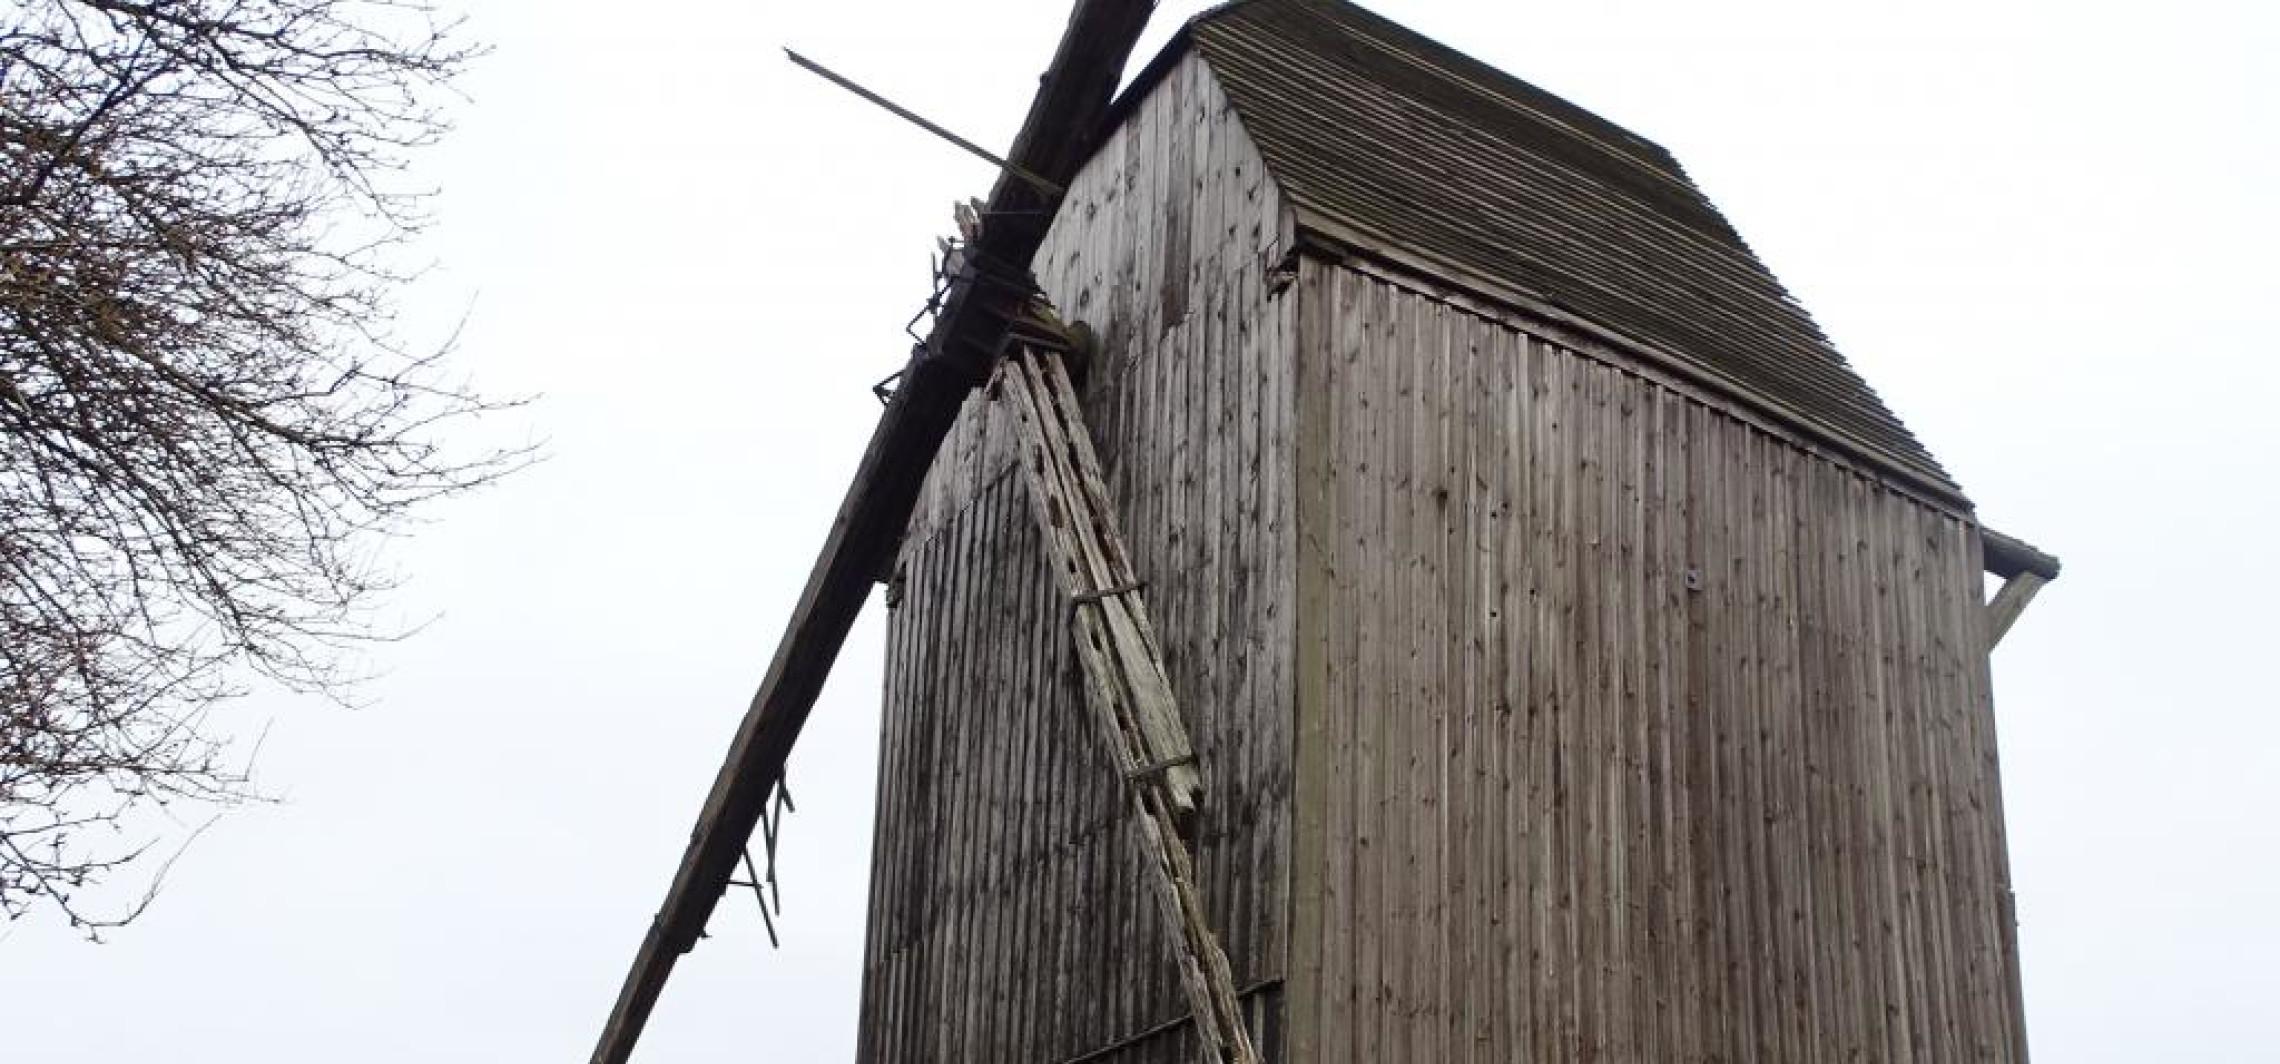 Kruszwica - Odnowią zabytkowy wiatrak za ponad milion zł